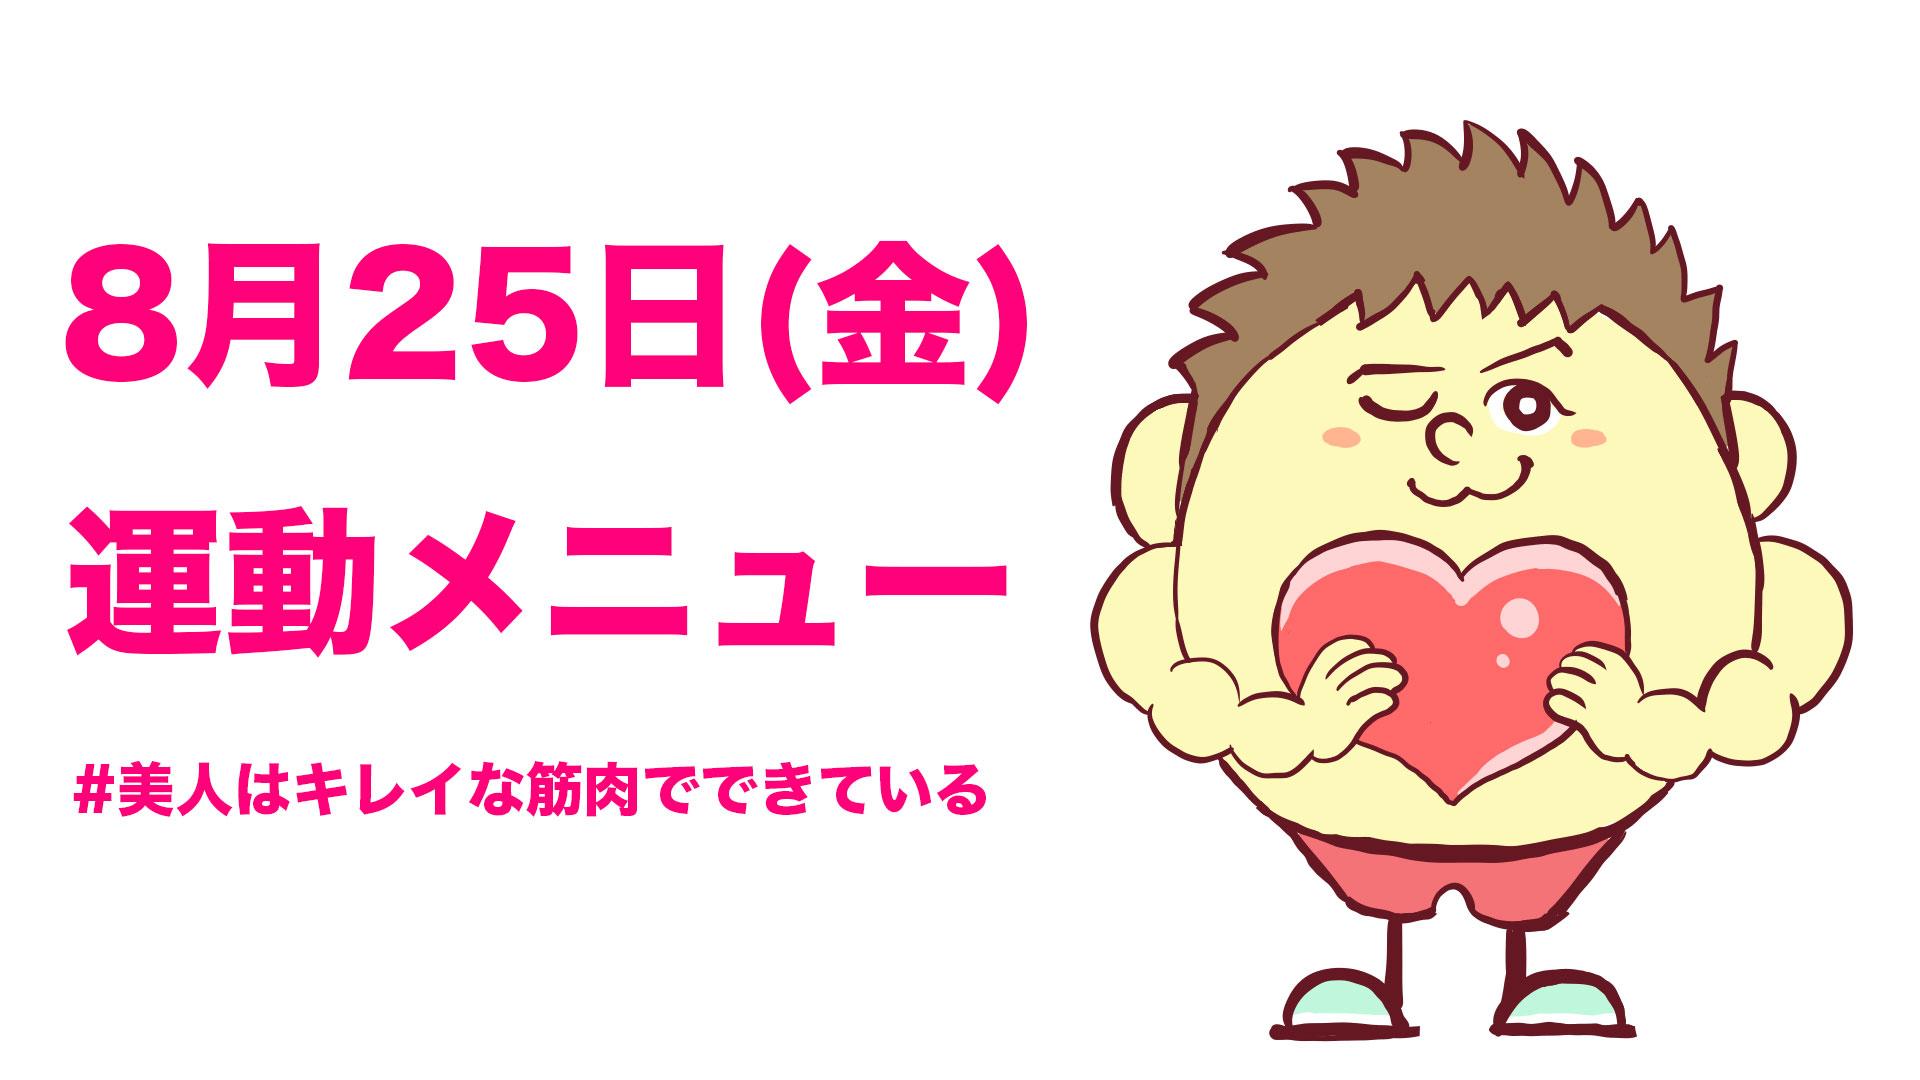 8/25の運動メニュー!